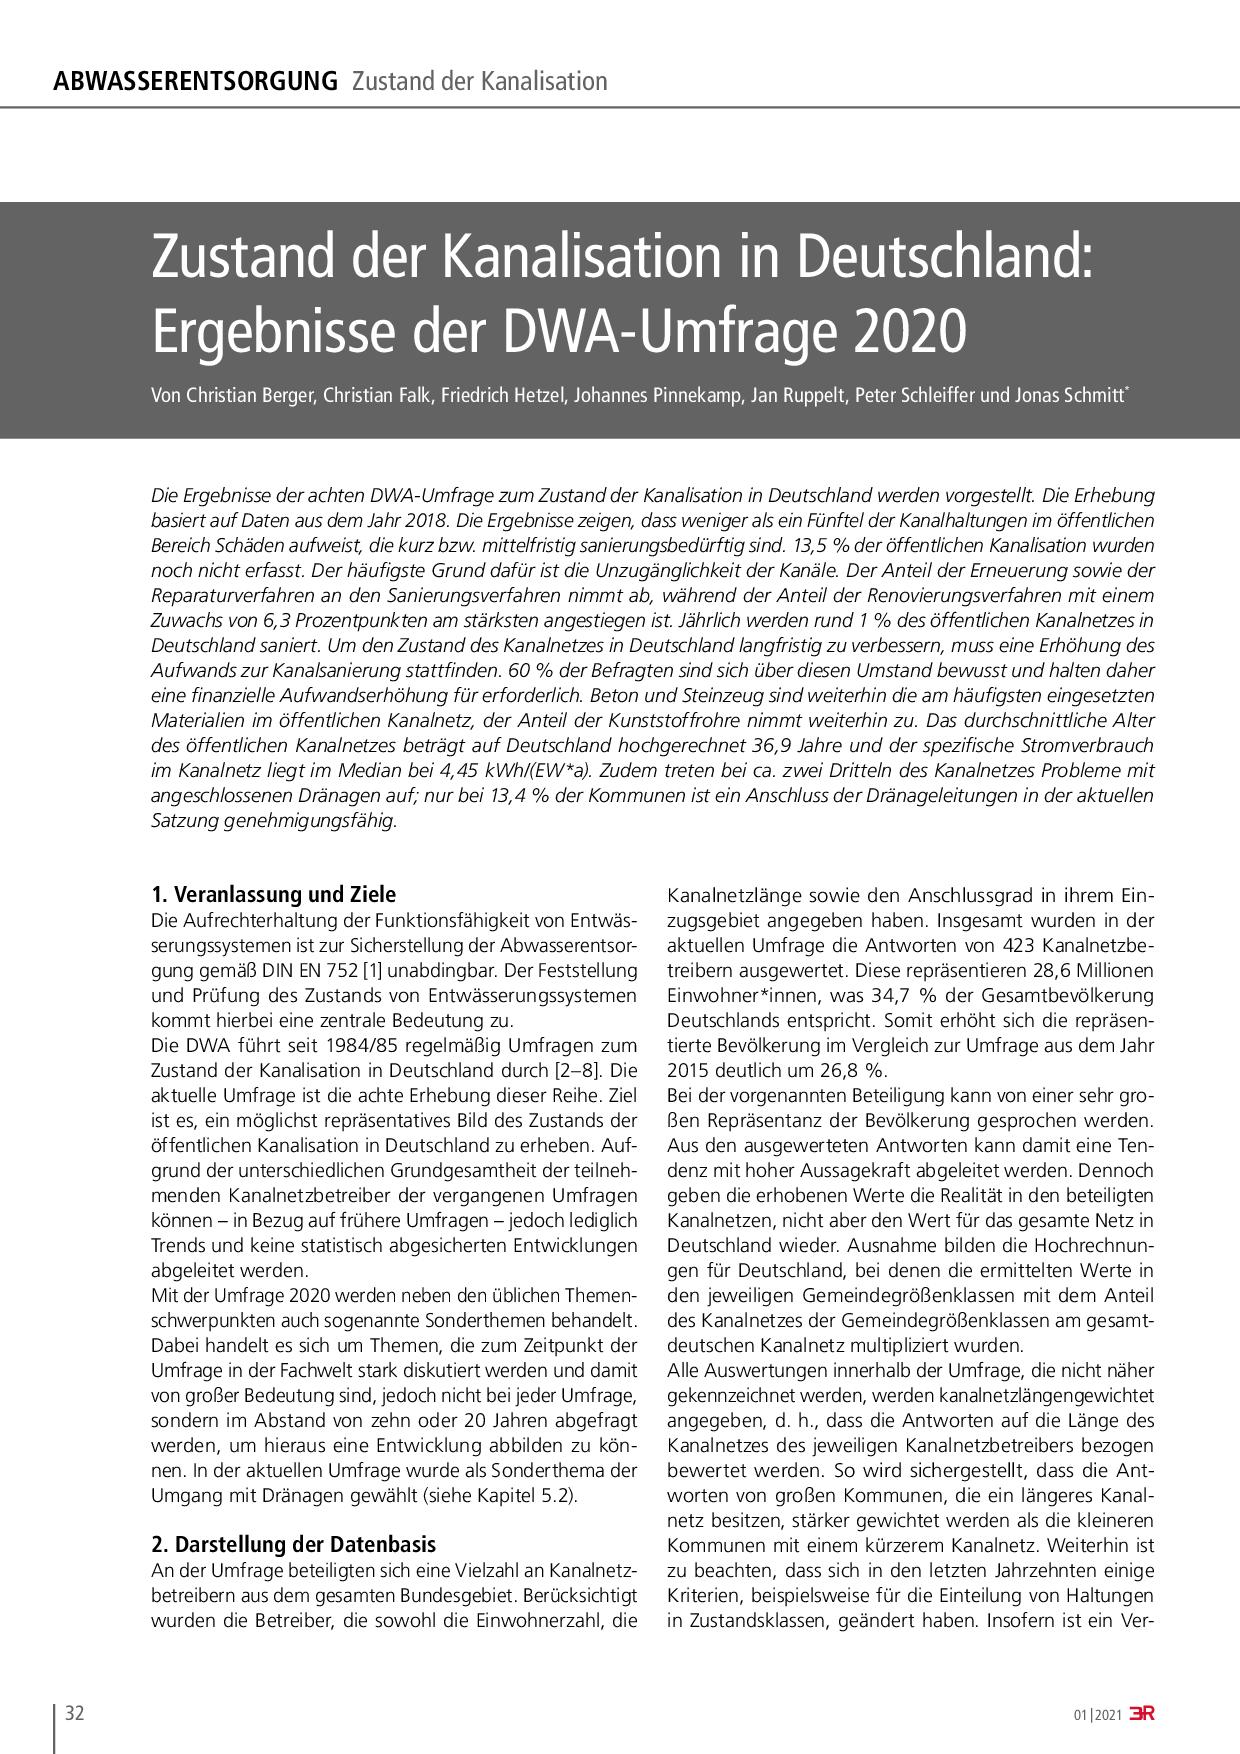 Zustand der Kanalisation in Deutschland: Ergebnisse der DWA-Umfrage 2020